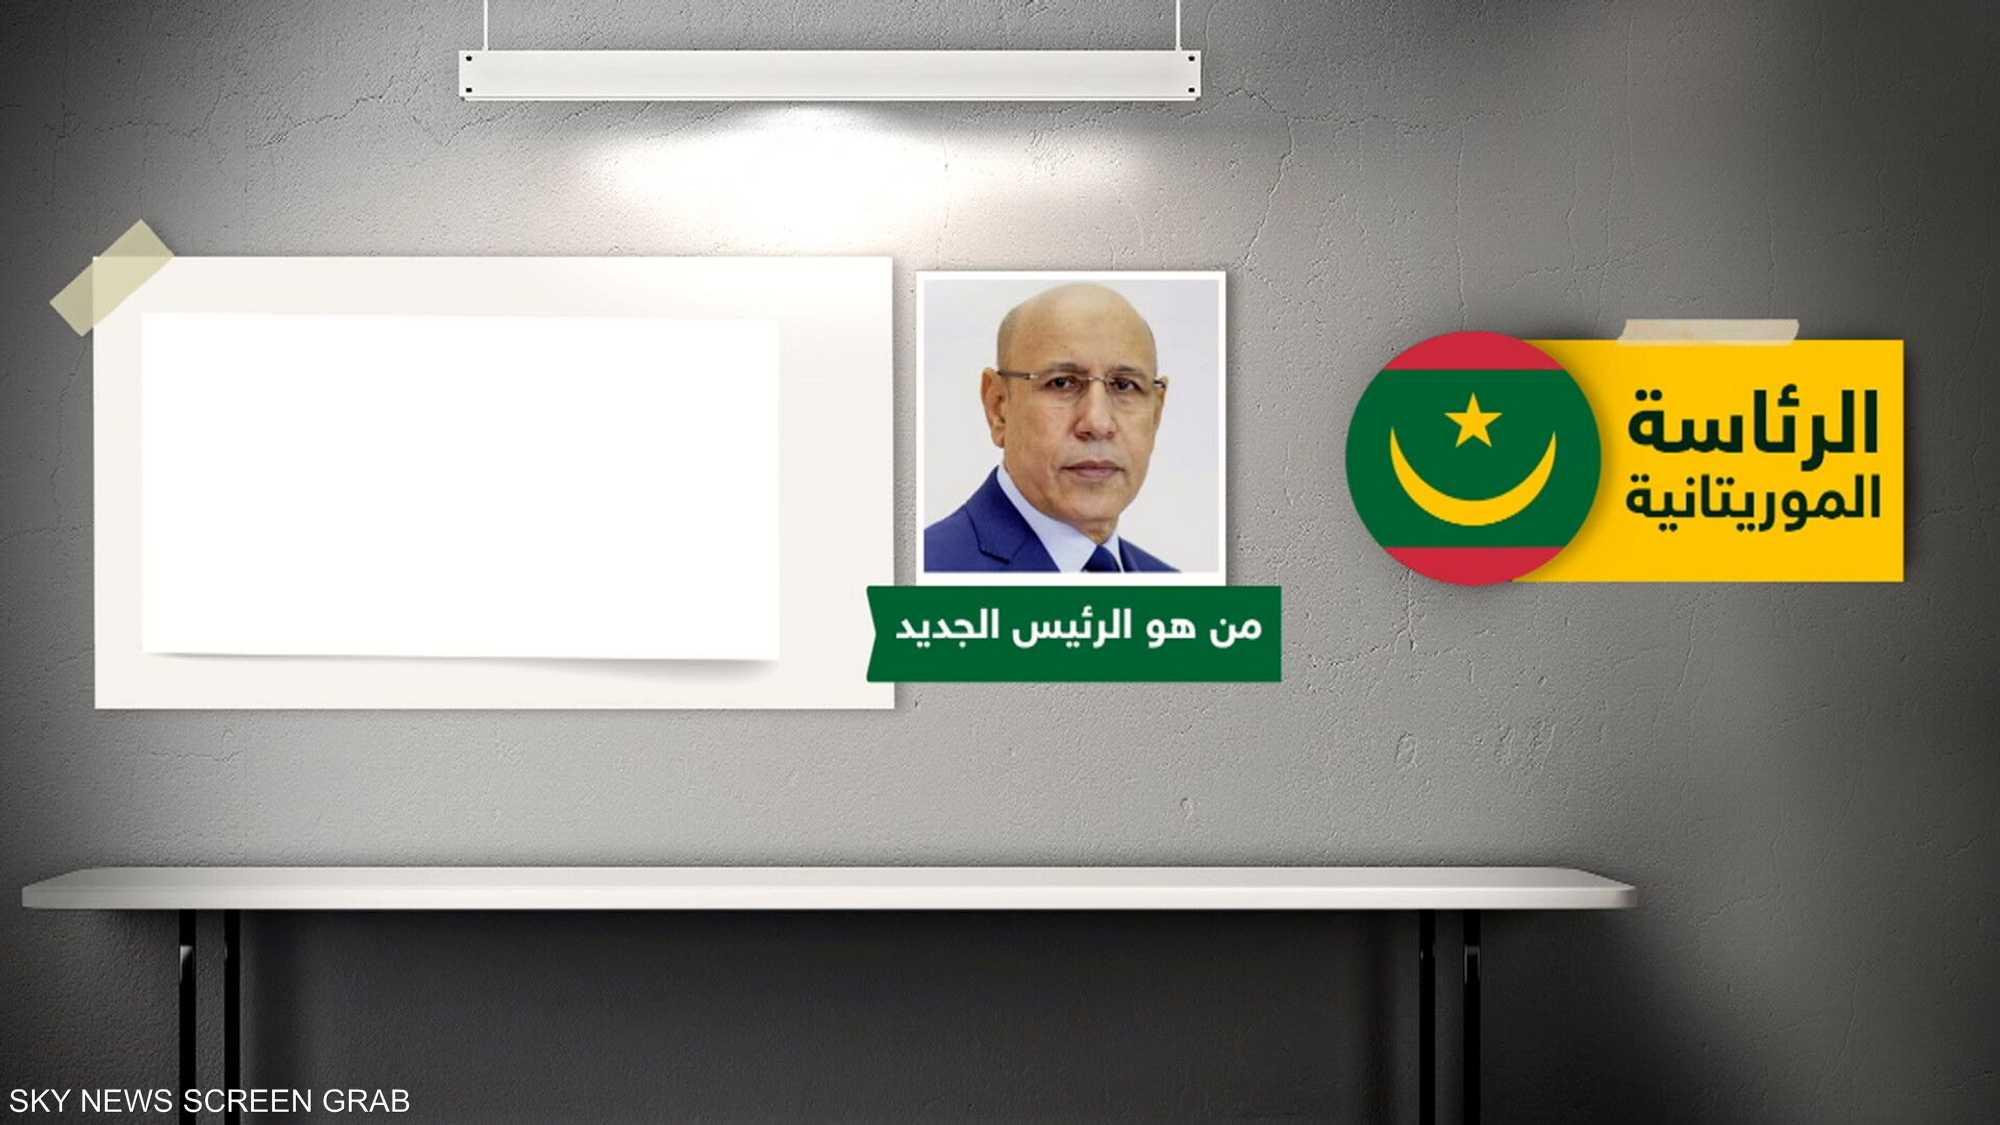 """""""ولد الغزواني"""" يعلن فوزه في انتخابات الرئاسة الموريتانية"""